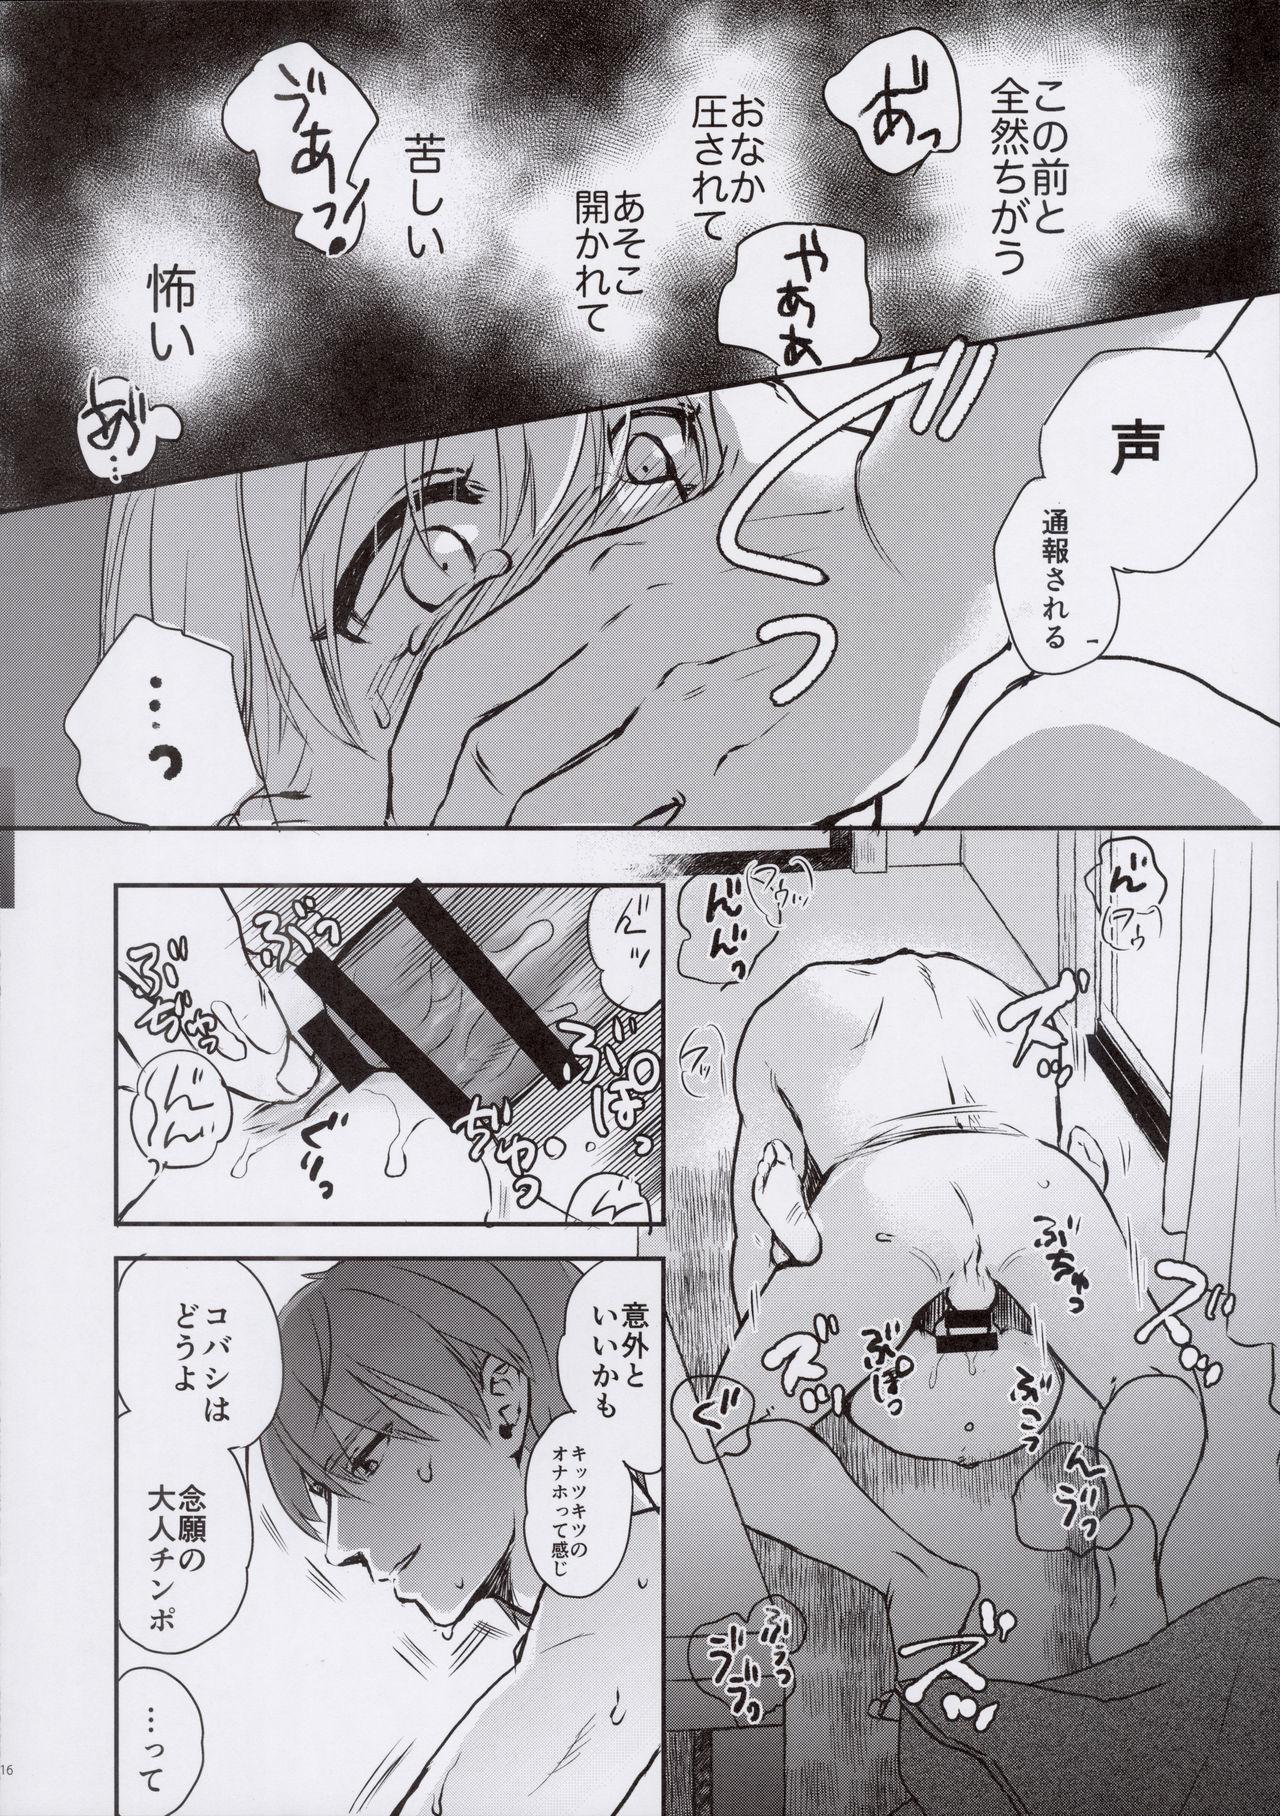 (COMITIA130) [Yowamidori (Saeki)] Nishimori-kun to Chiisai Kobashi-san 15